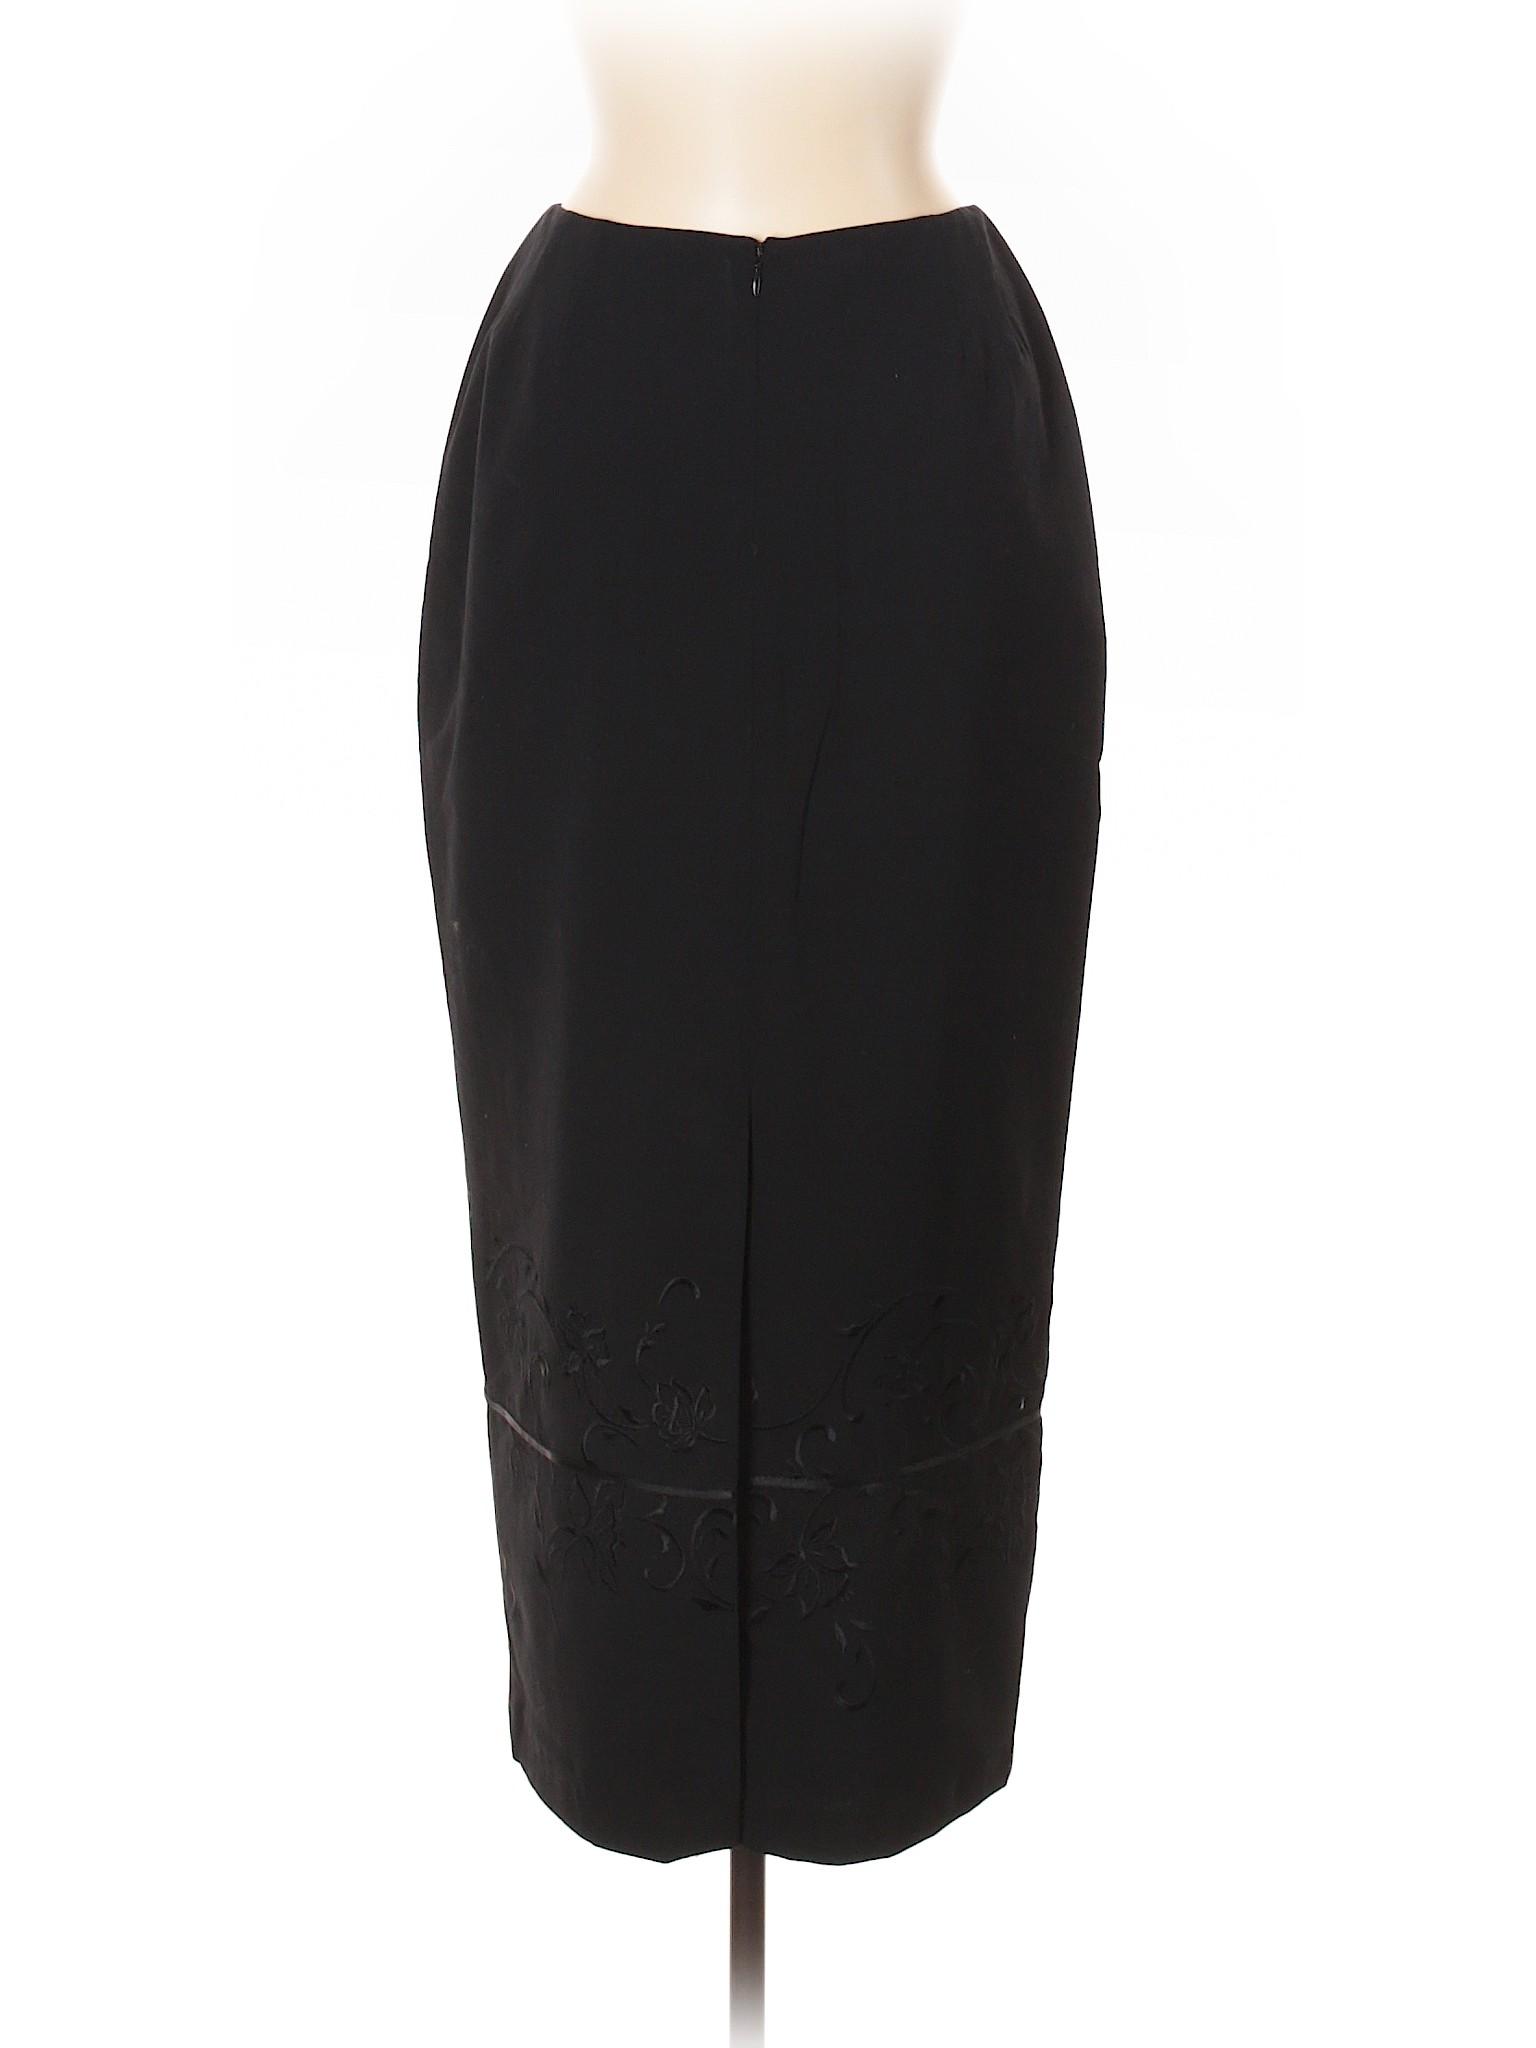 Wool Wool Boutique Skirt Boutique Skirt Wool Boutique Skirt 7XXqwEY